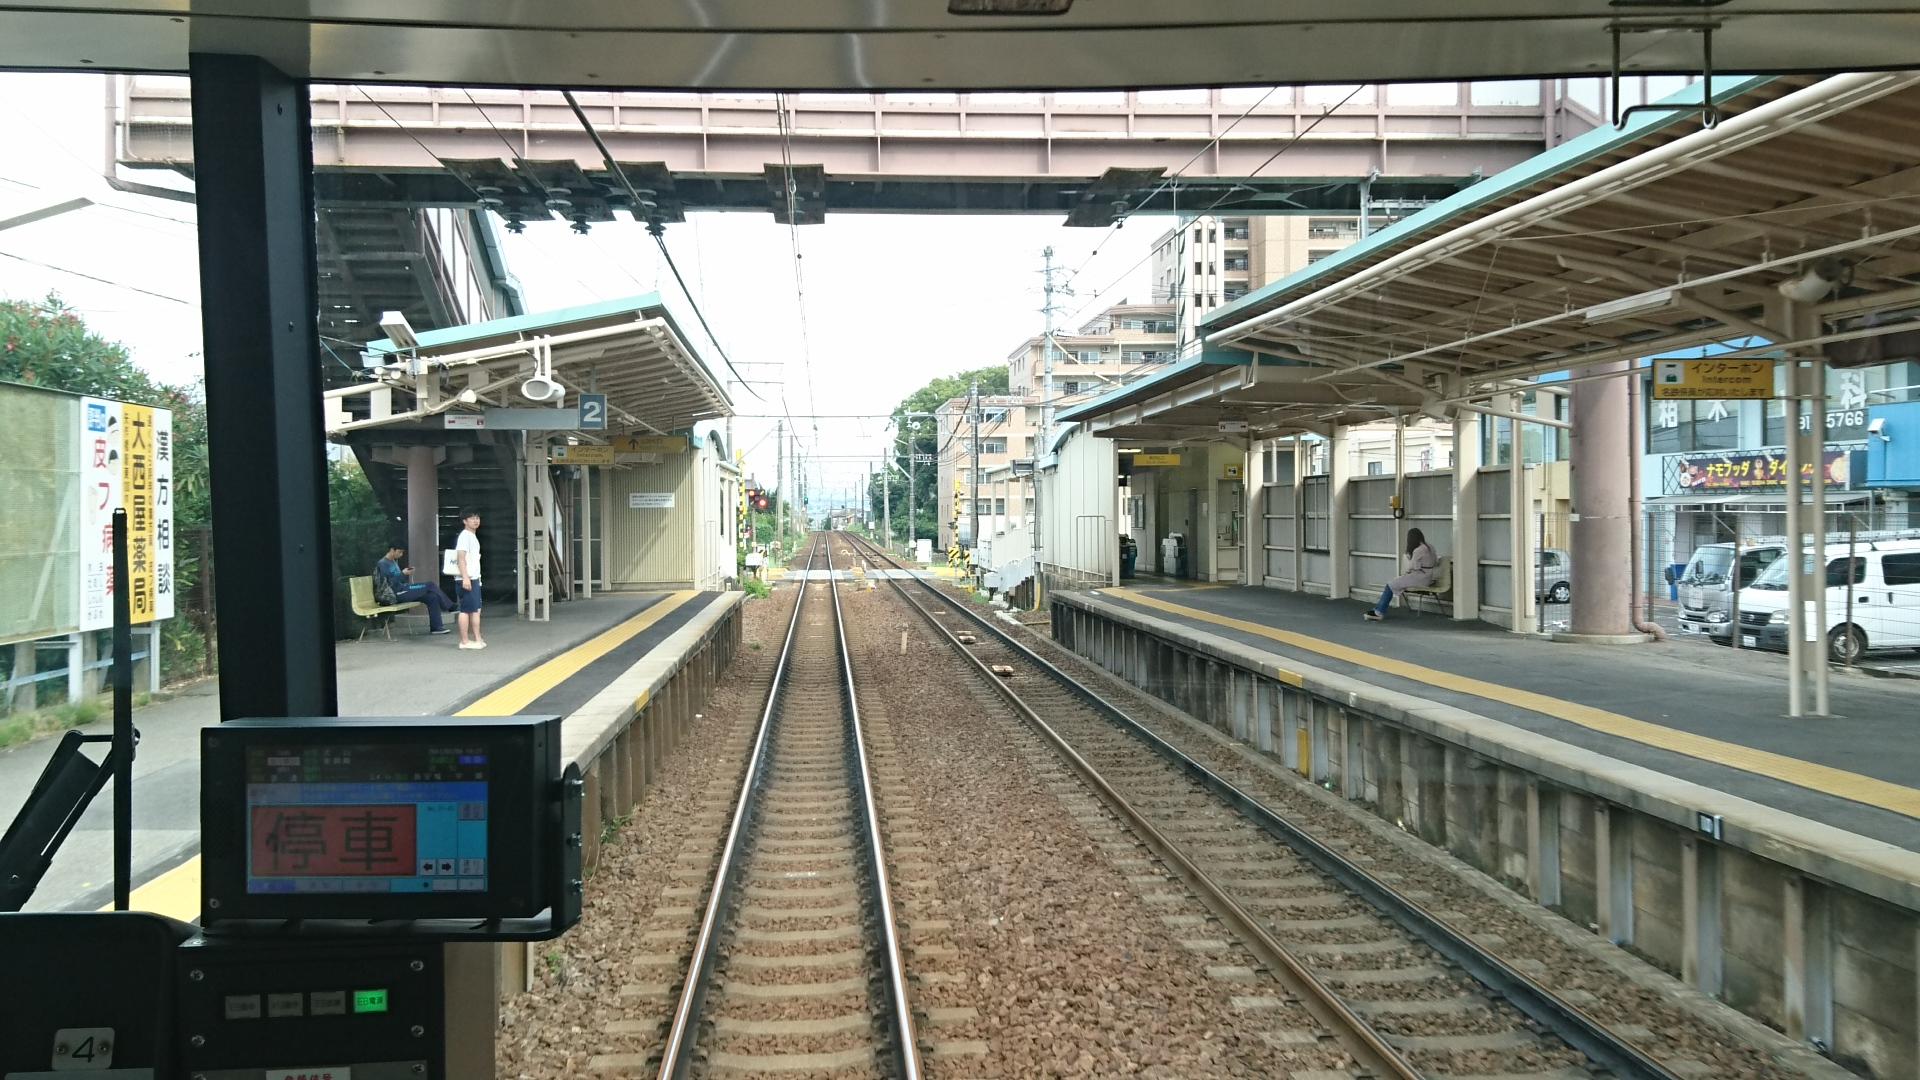 2017.7.9 名鉄 (12) 東岡崎いきふつう - 宇頭 1920-1080